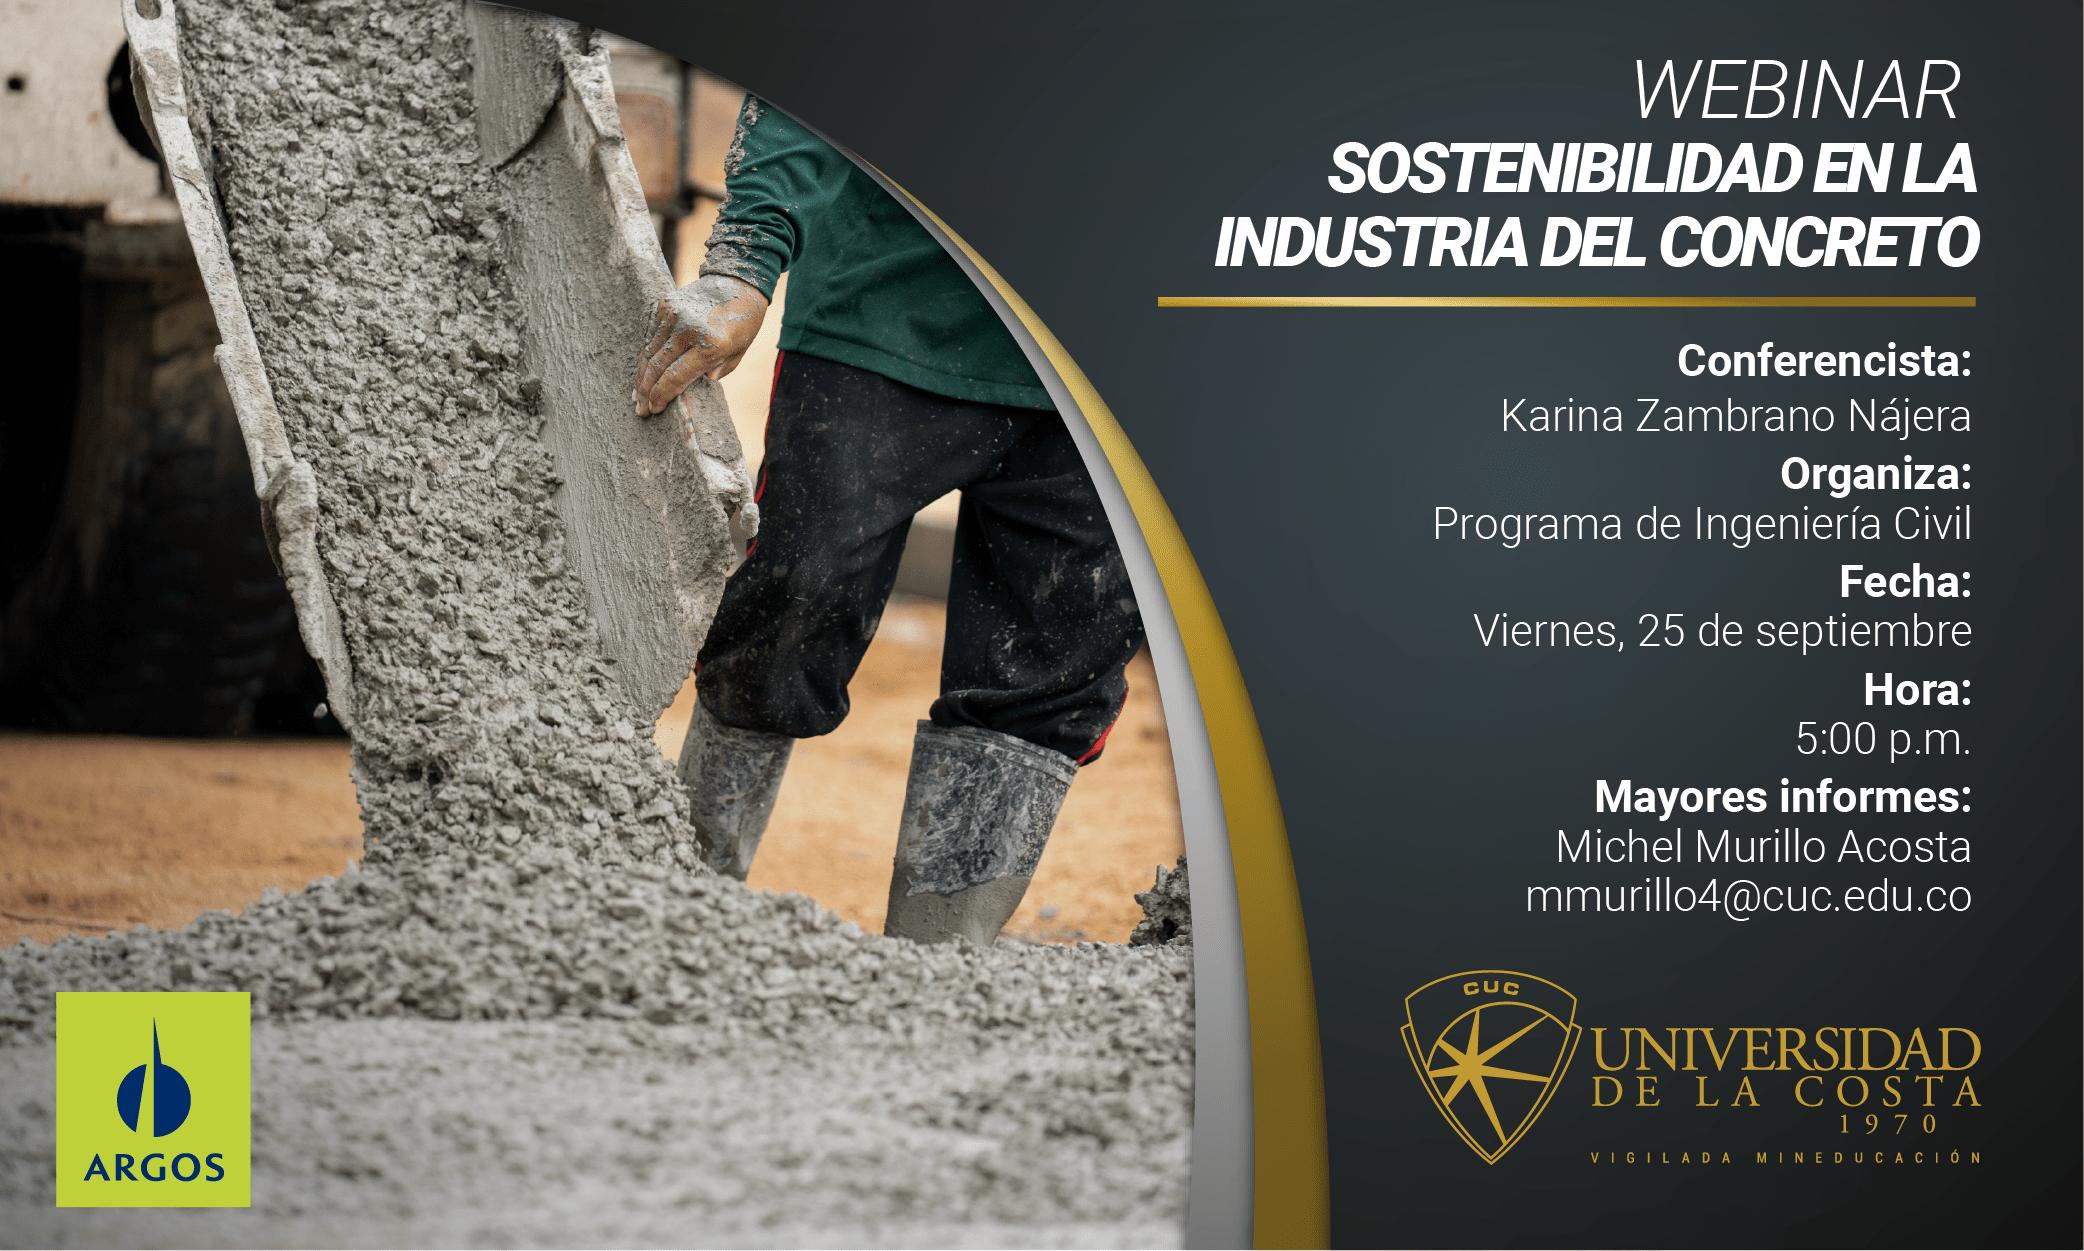 """Webinar """"Sostenibilidad en la industria del concreto"""""""